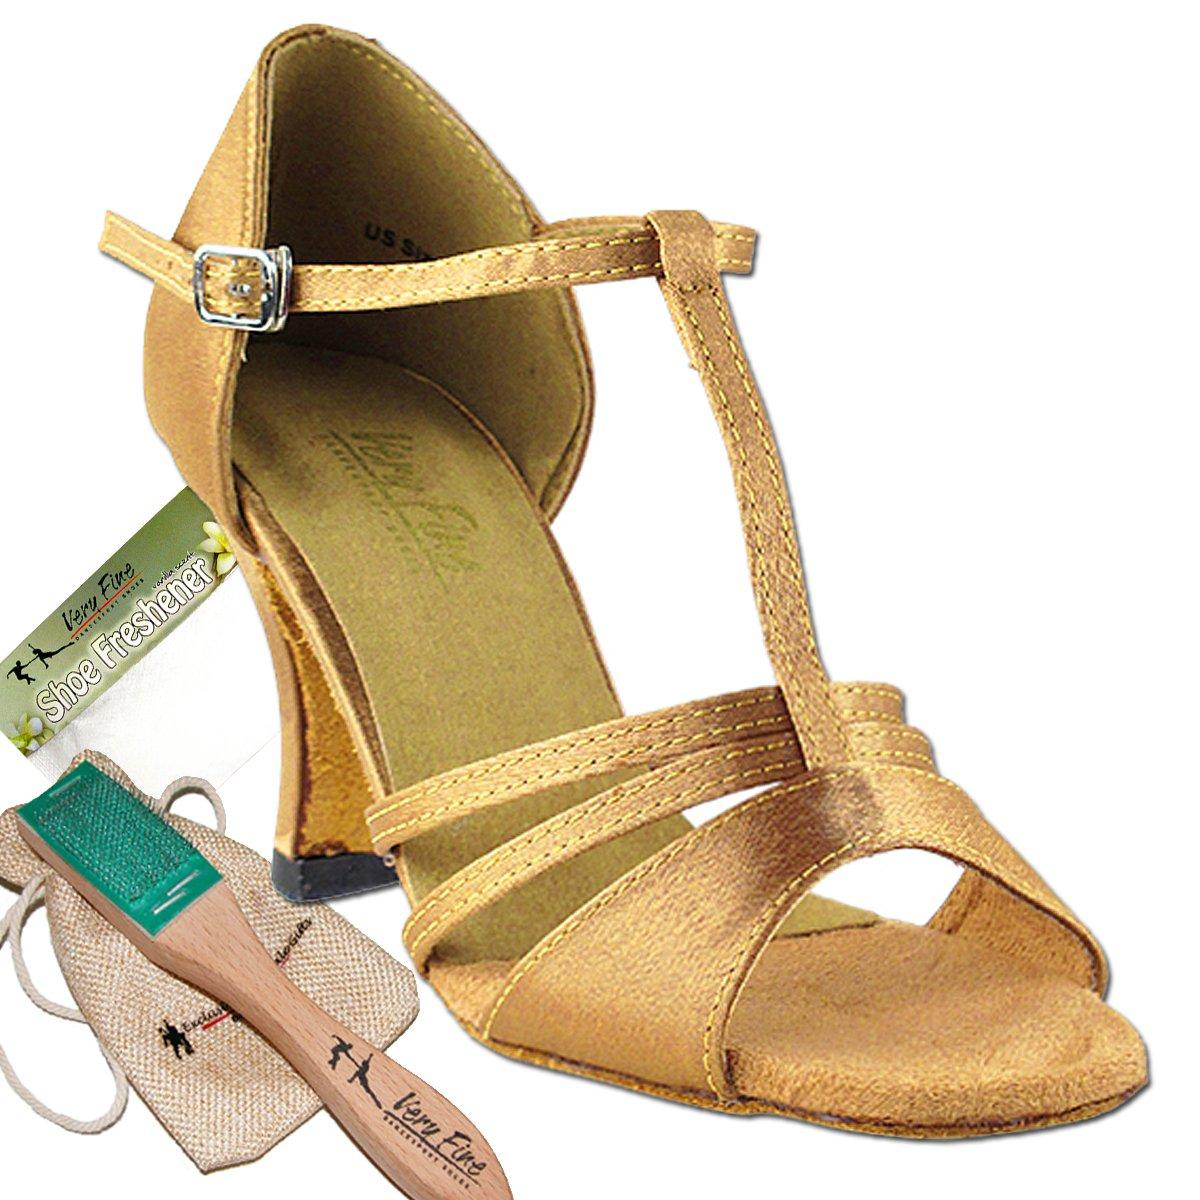 レディース社交ダンスシューズウェディングサルサタンゴ靴1683ebb comfortable-very Fine 2.5